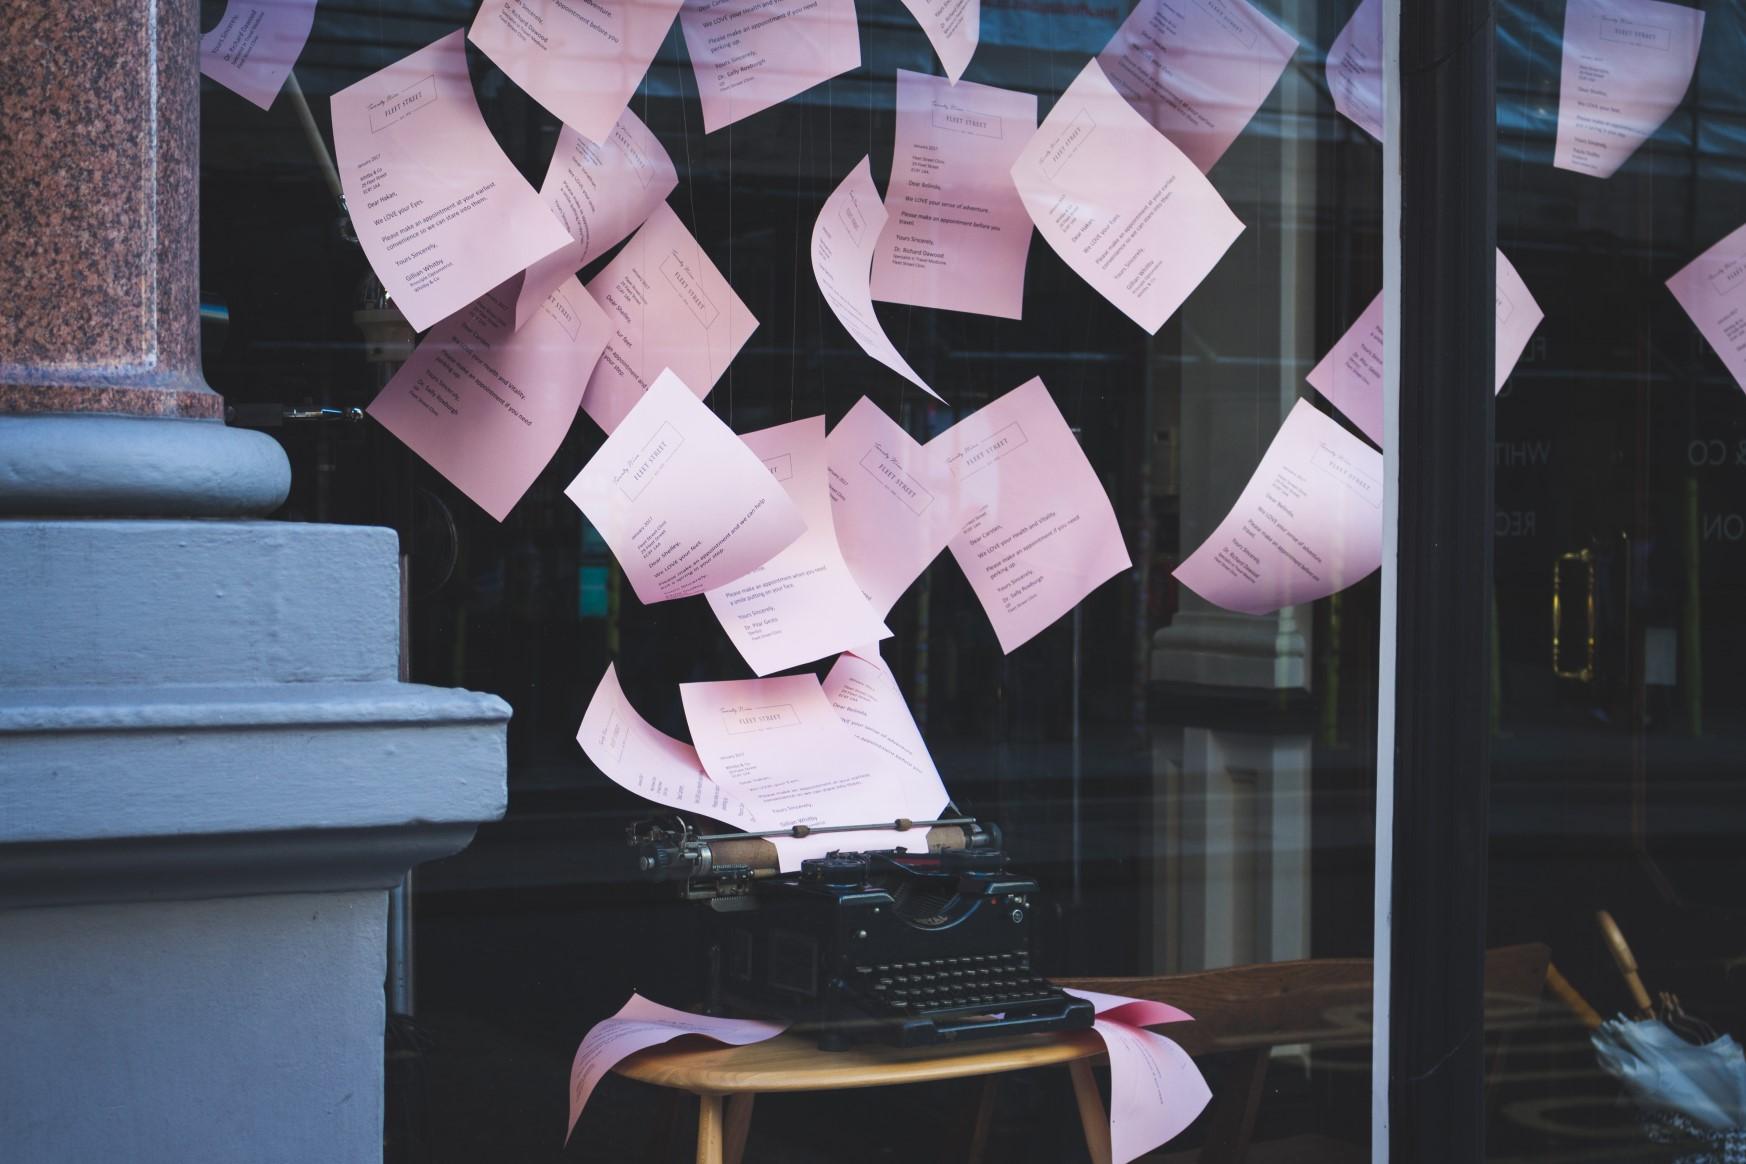 corso tecniche redazionali, macchina da scrivere lancia pagine dattiloscritte in aria